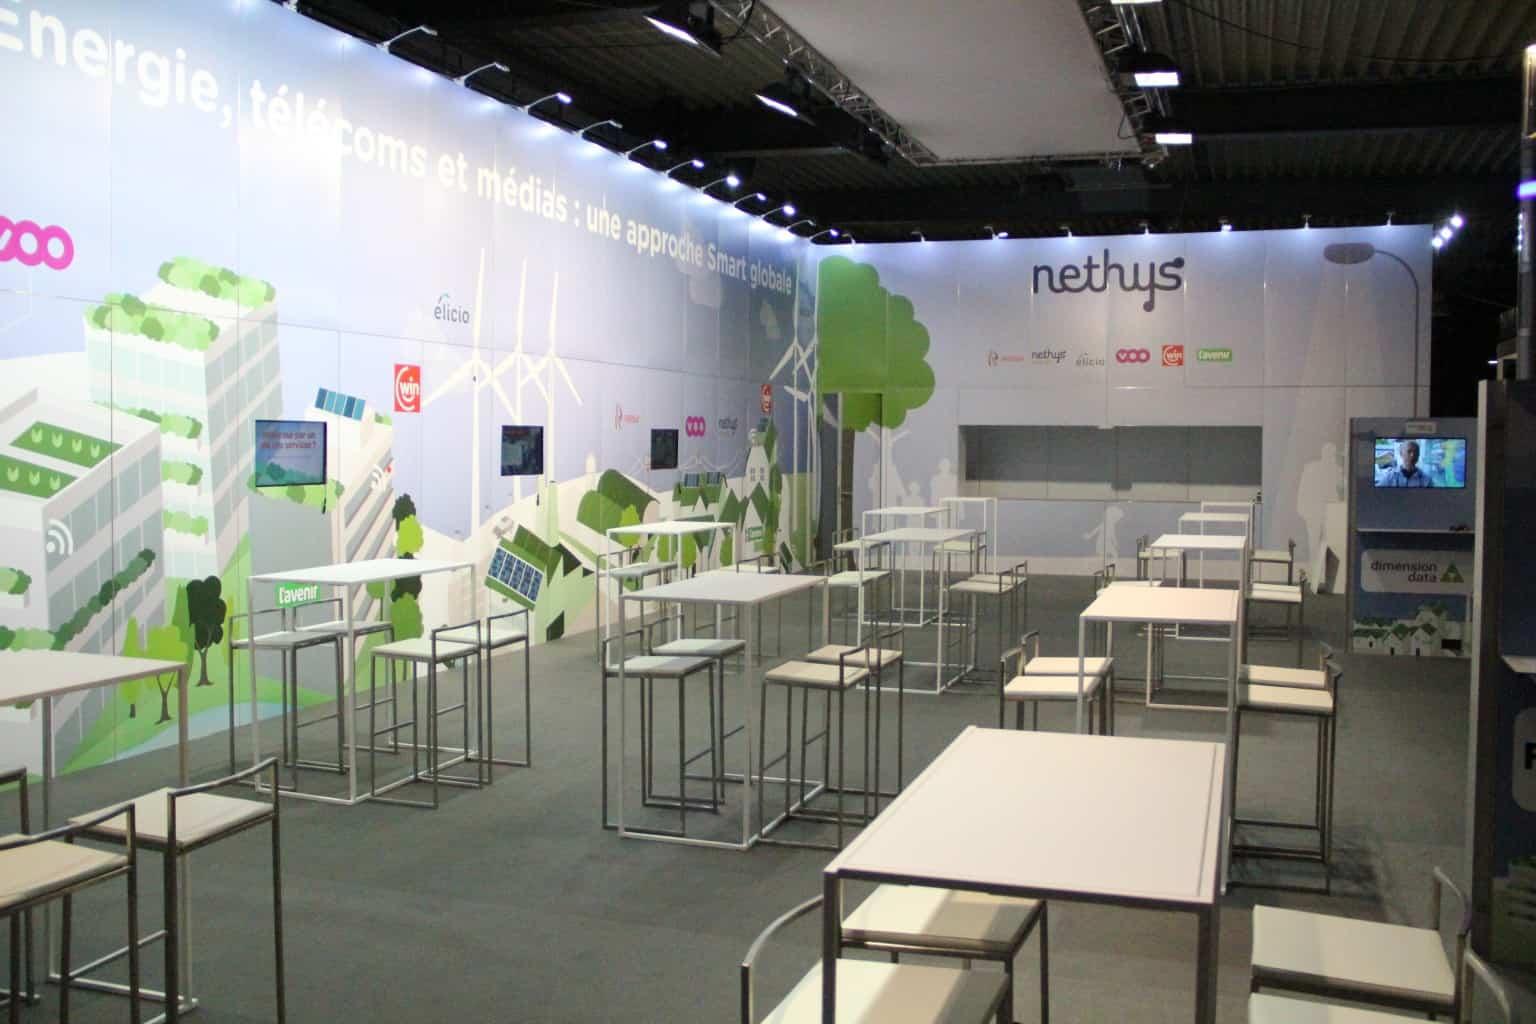 Conception et organisation du stand Nethys pour le Salon des Mandataires, conception du stand par SO Event.